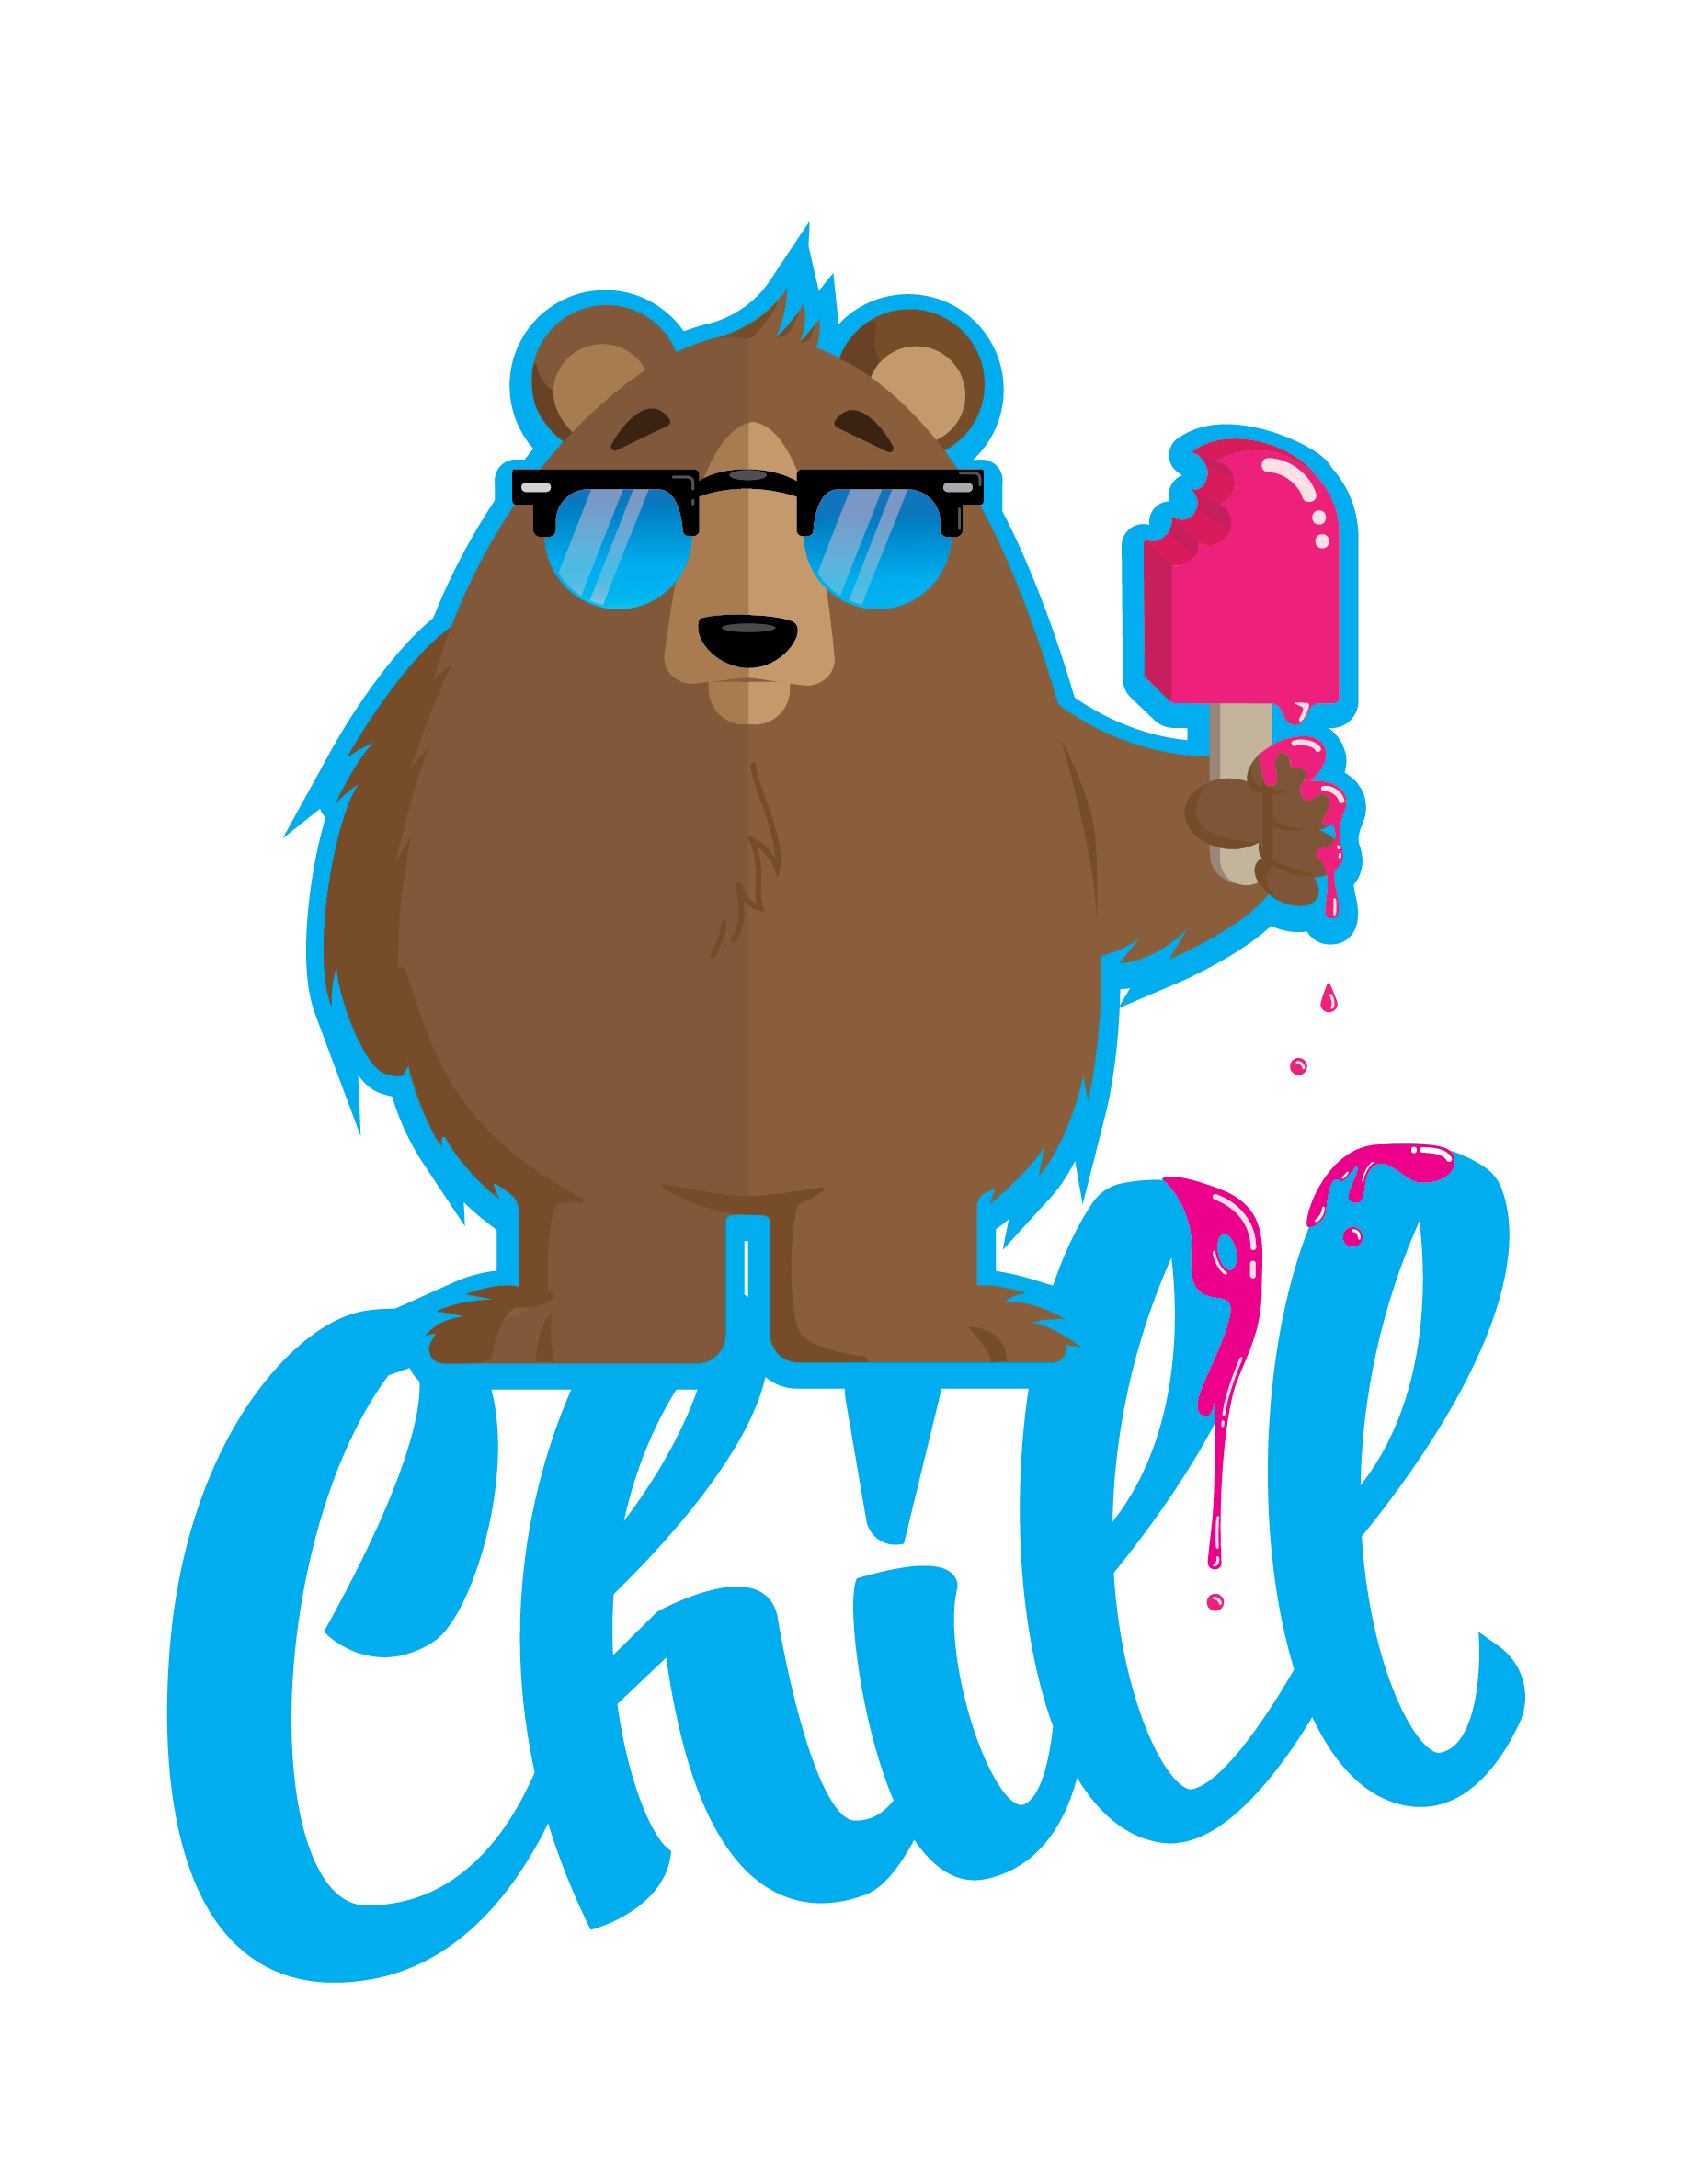 Chill clipart brrr Arcto Design Chill